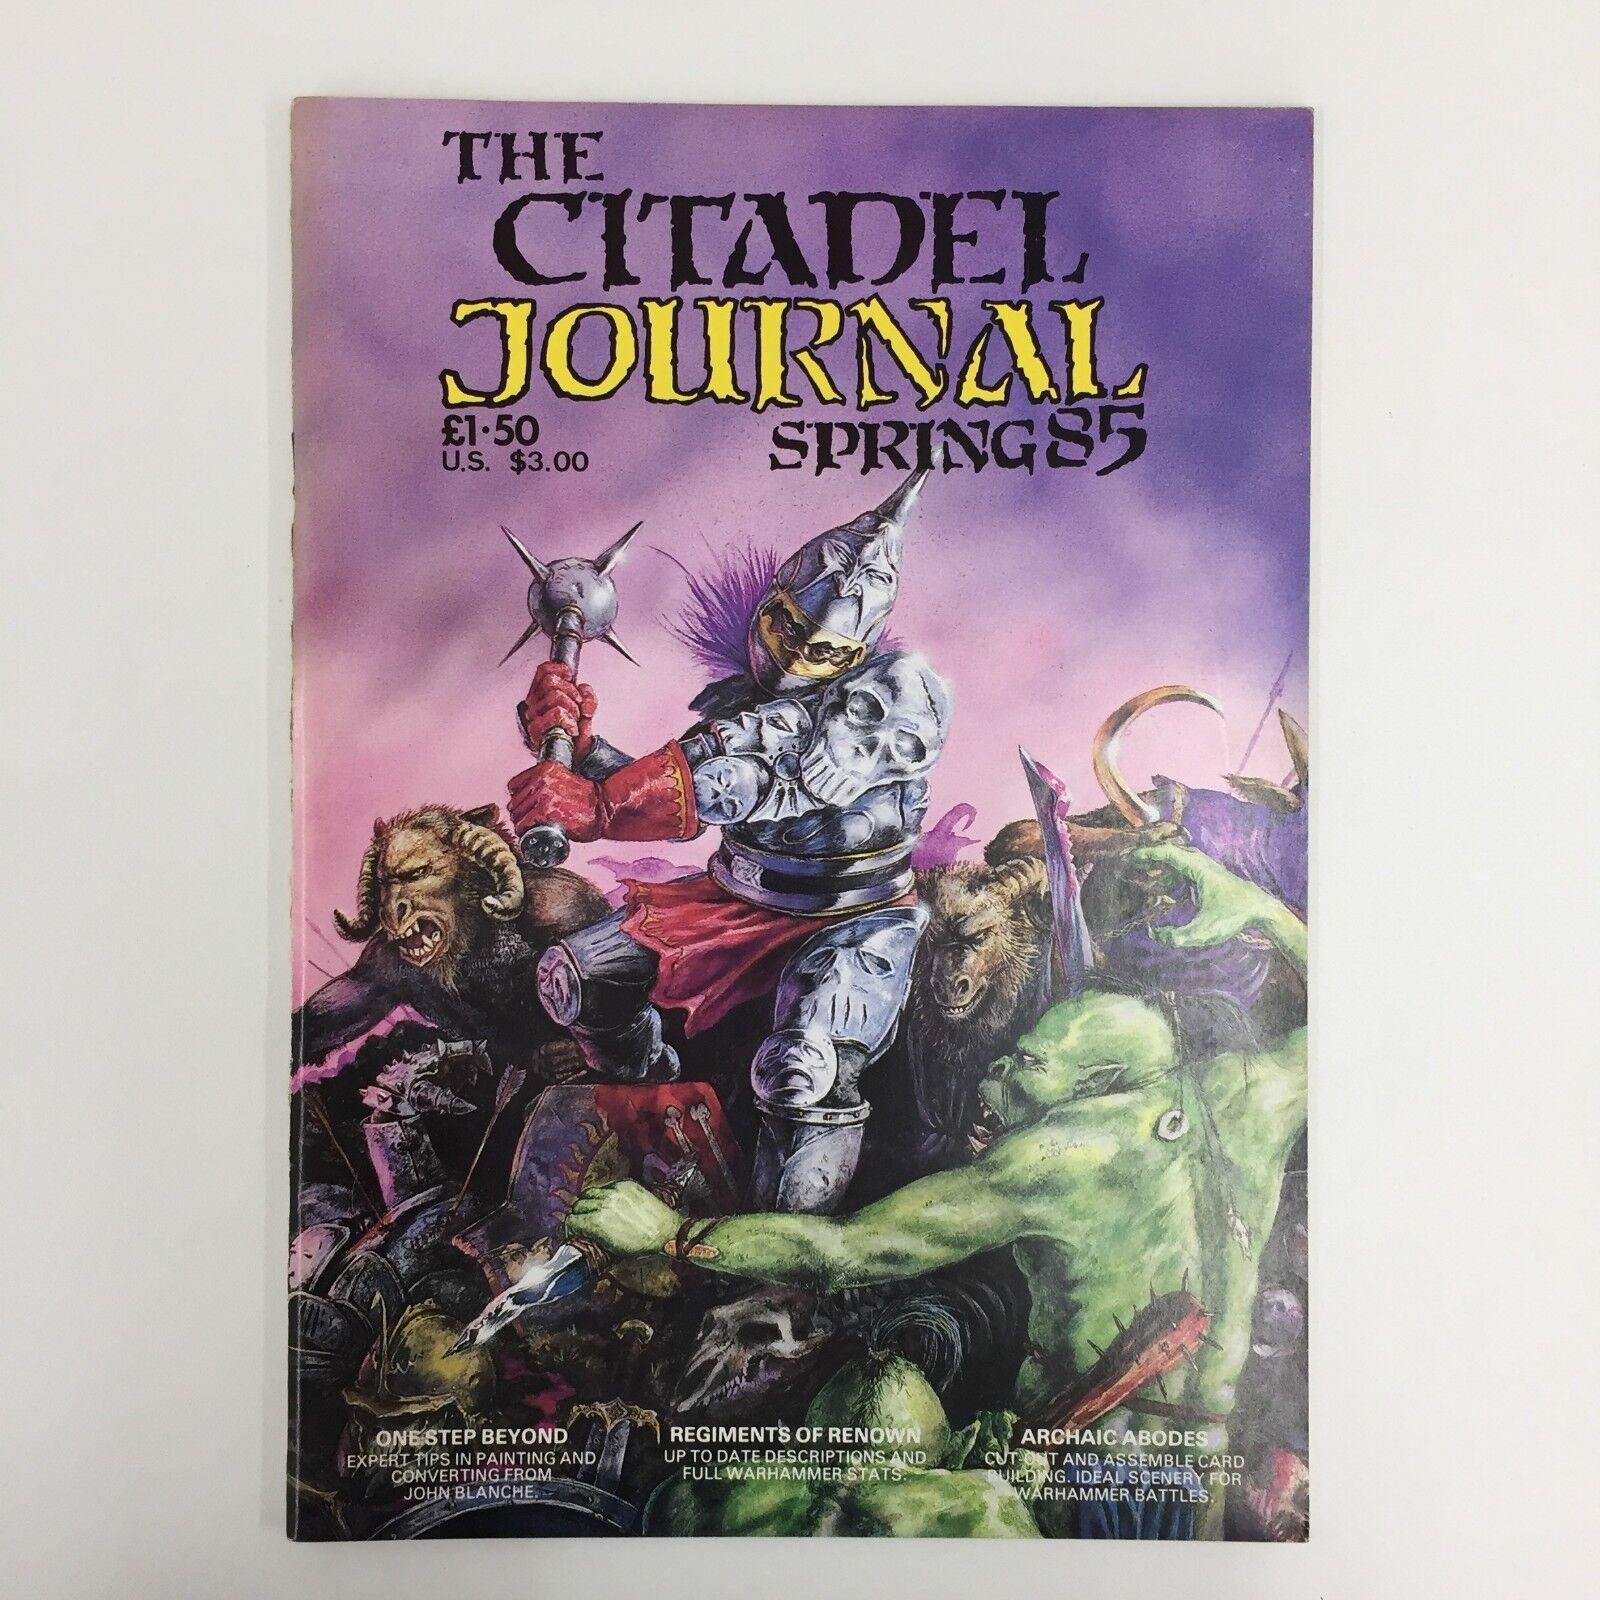 THE CITADEL JOURNAL JOURNAL JOURNAL SPRING 85 COMPLETE UNCUT CARDS GAMES WORKSHOP RARE ea3ea8